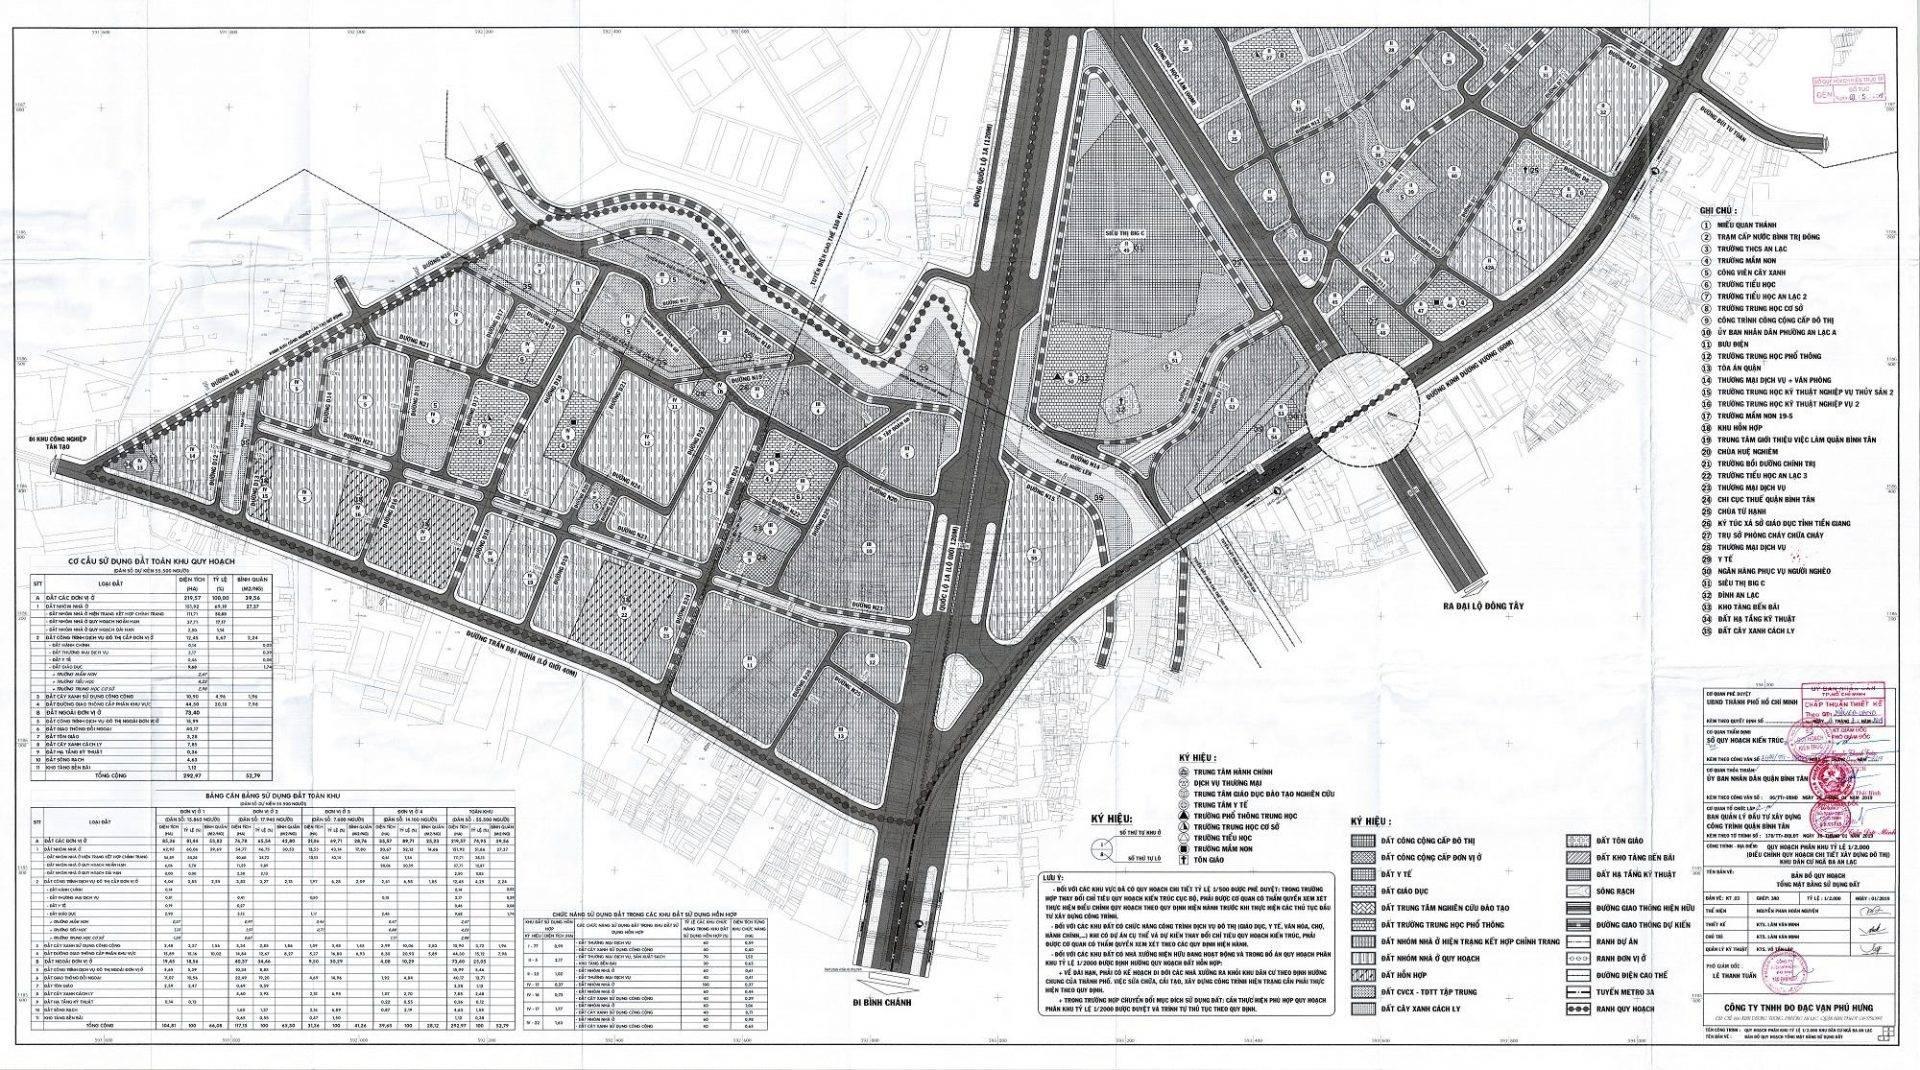 Bản đồ quy hoạch khu dân cư ngã ba An Lạc - Thông tin quy hoạch Bình Tân - Yeshouse